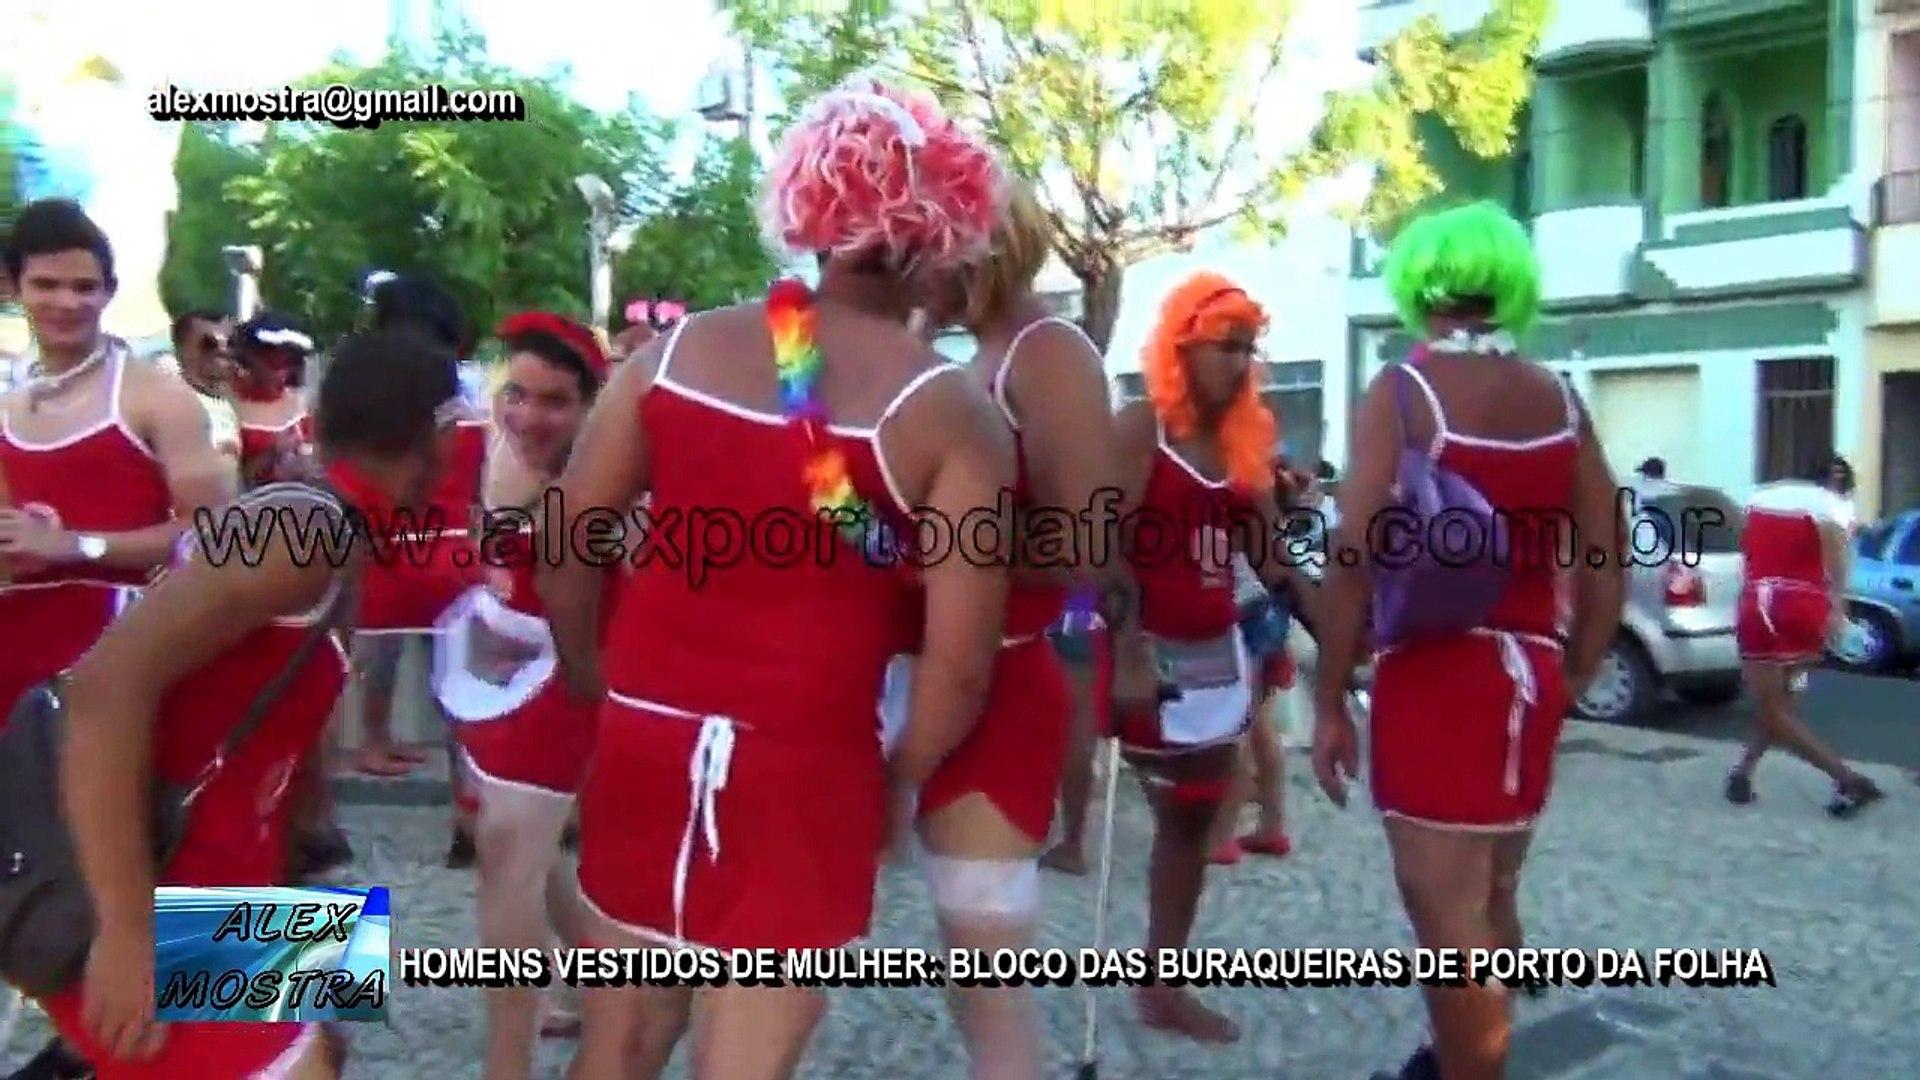 Homens Vestidos De Mulher: Bloco Das Buraqueiras De Porto Da Folha [HD]